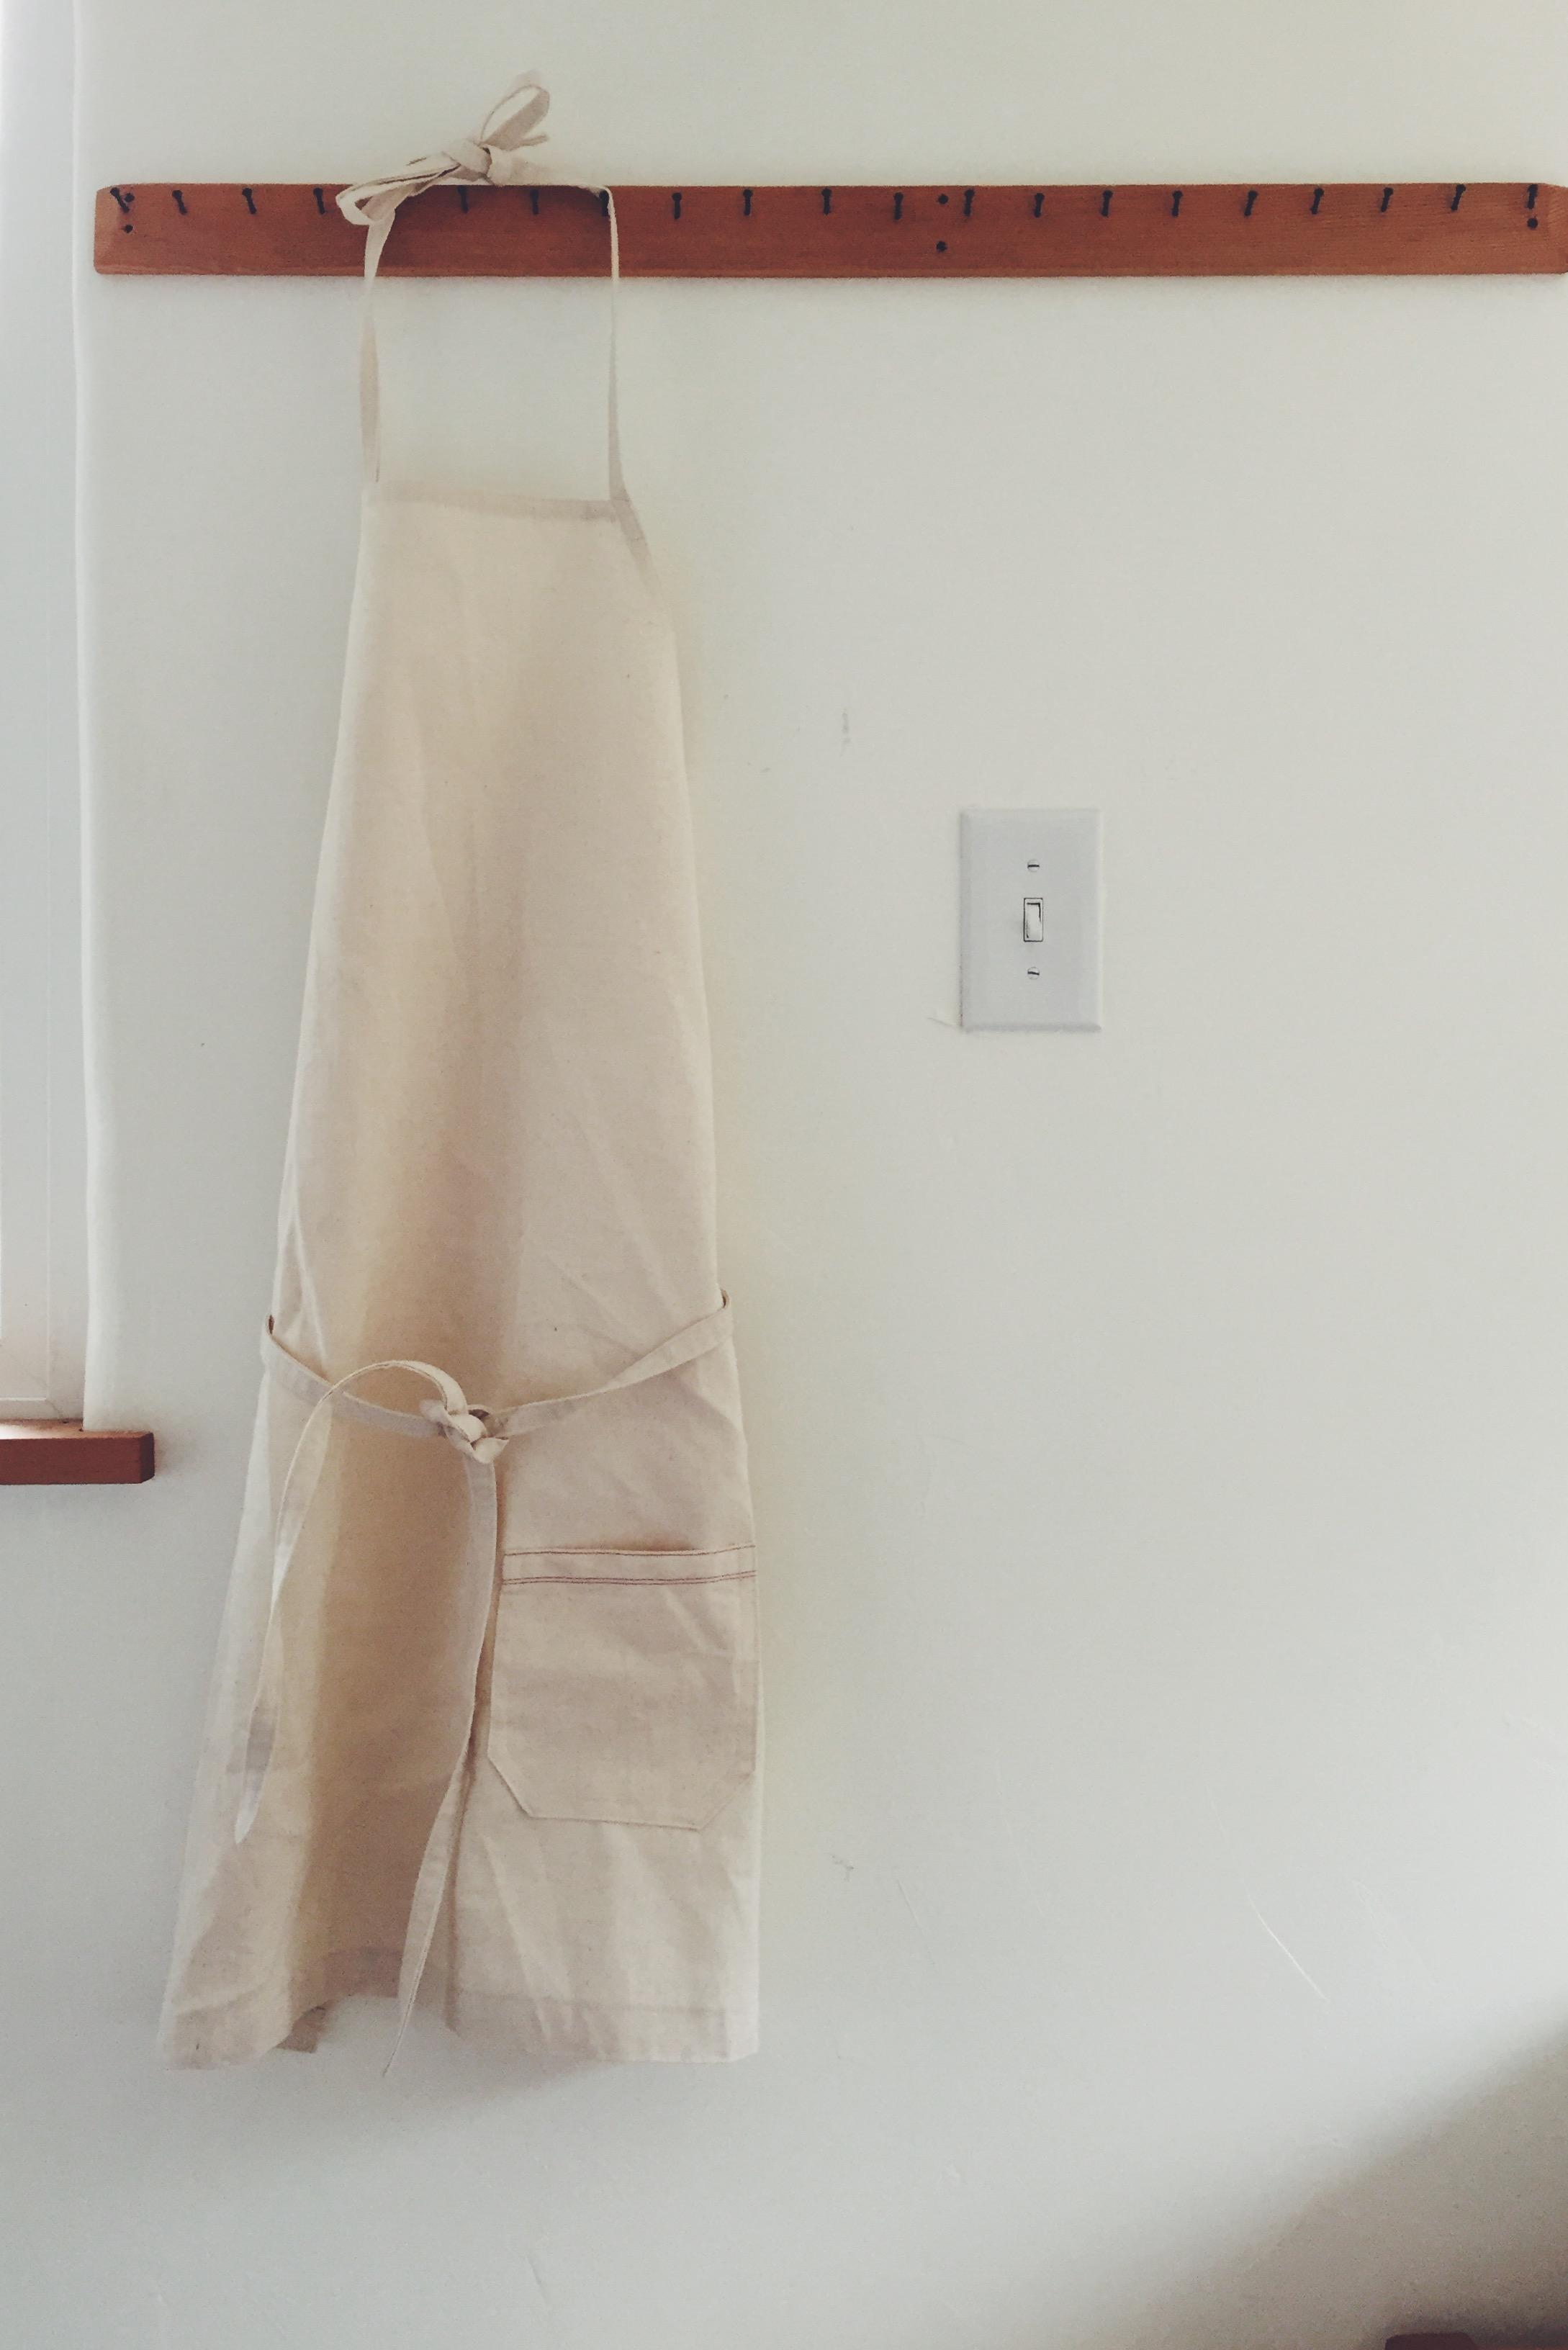 Apron hanging.jpg